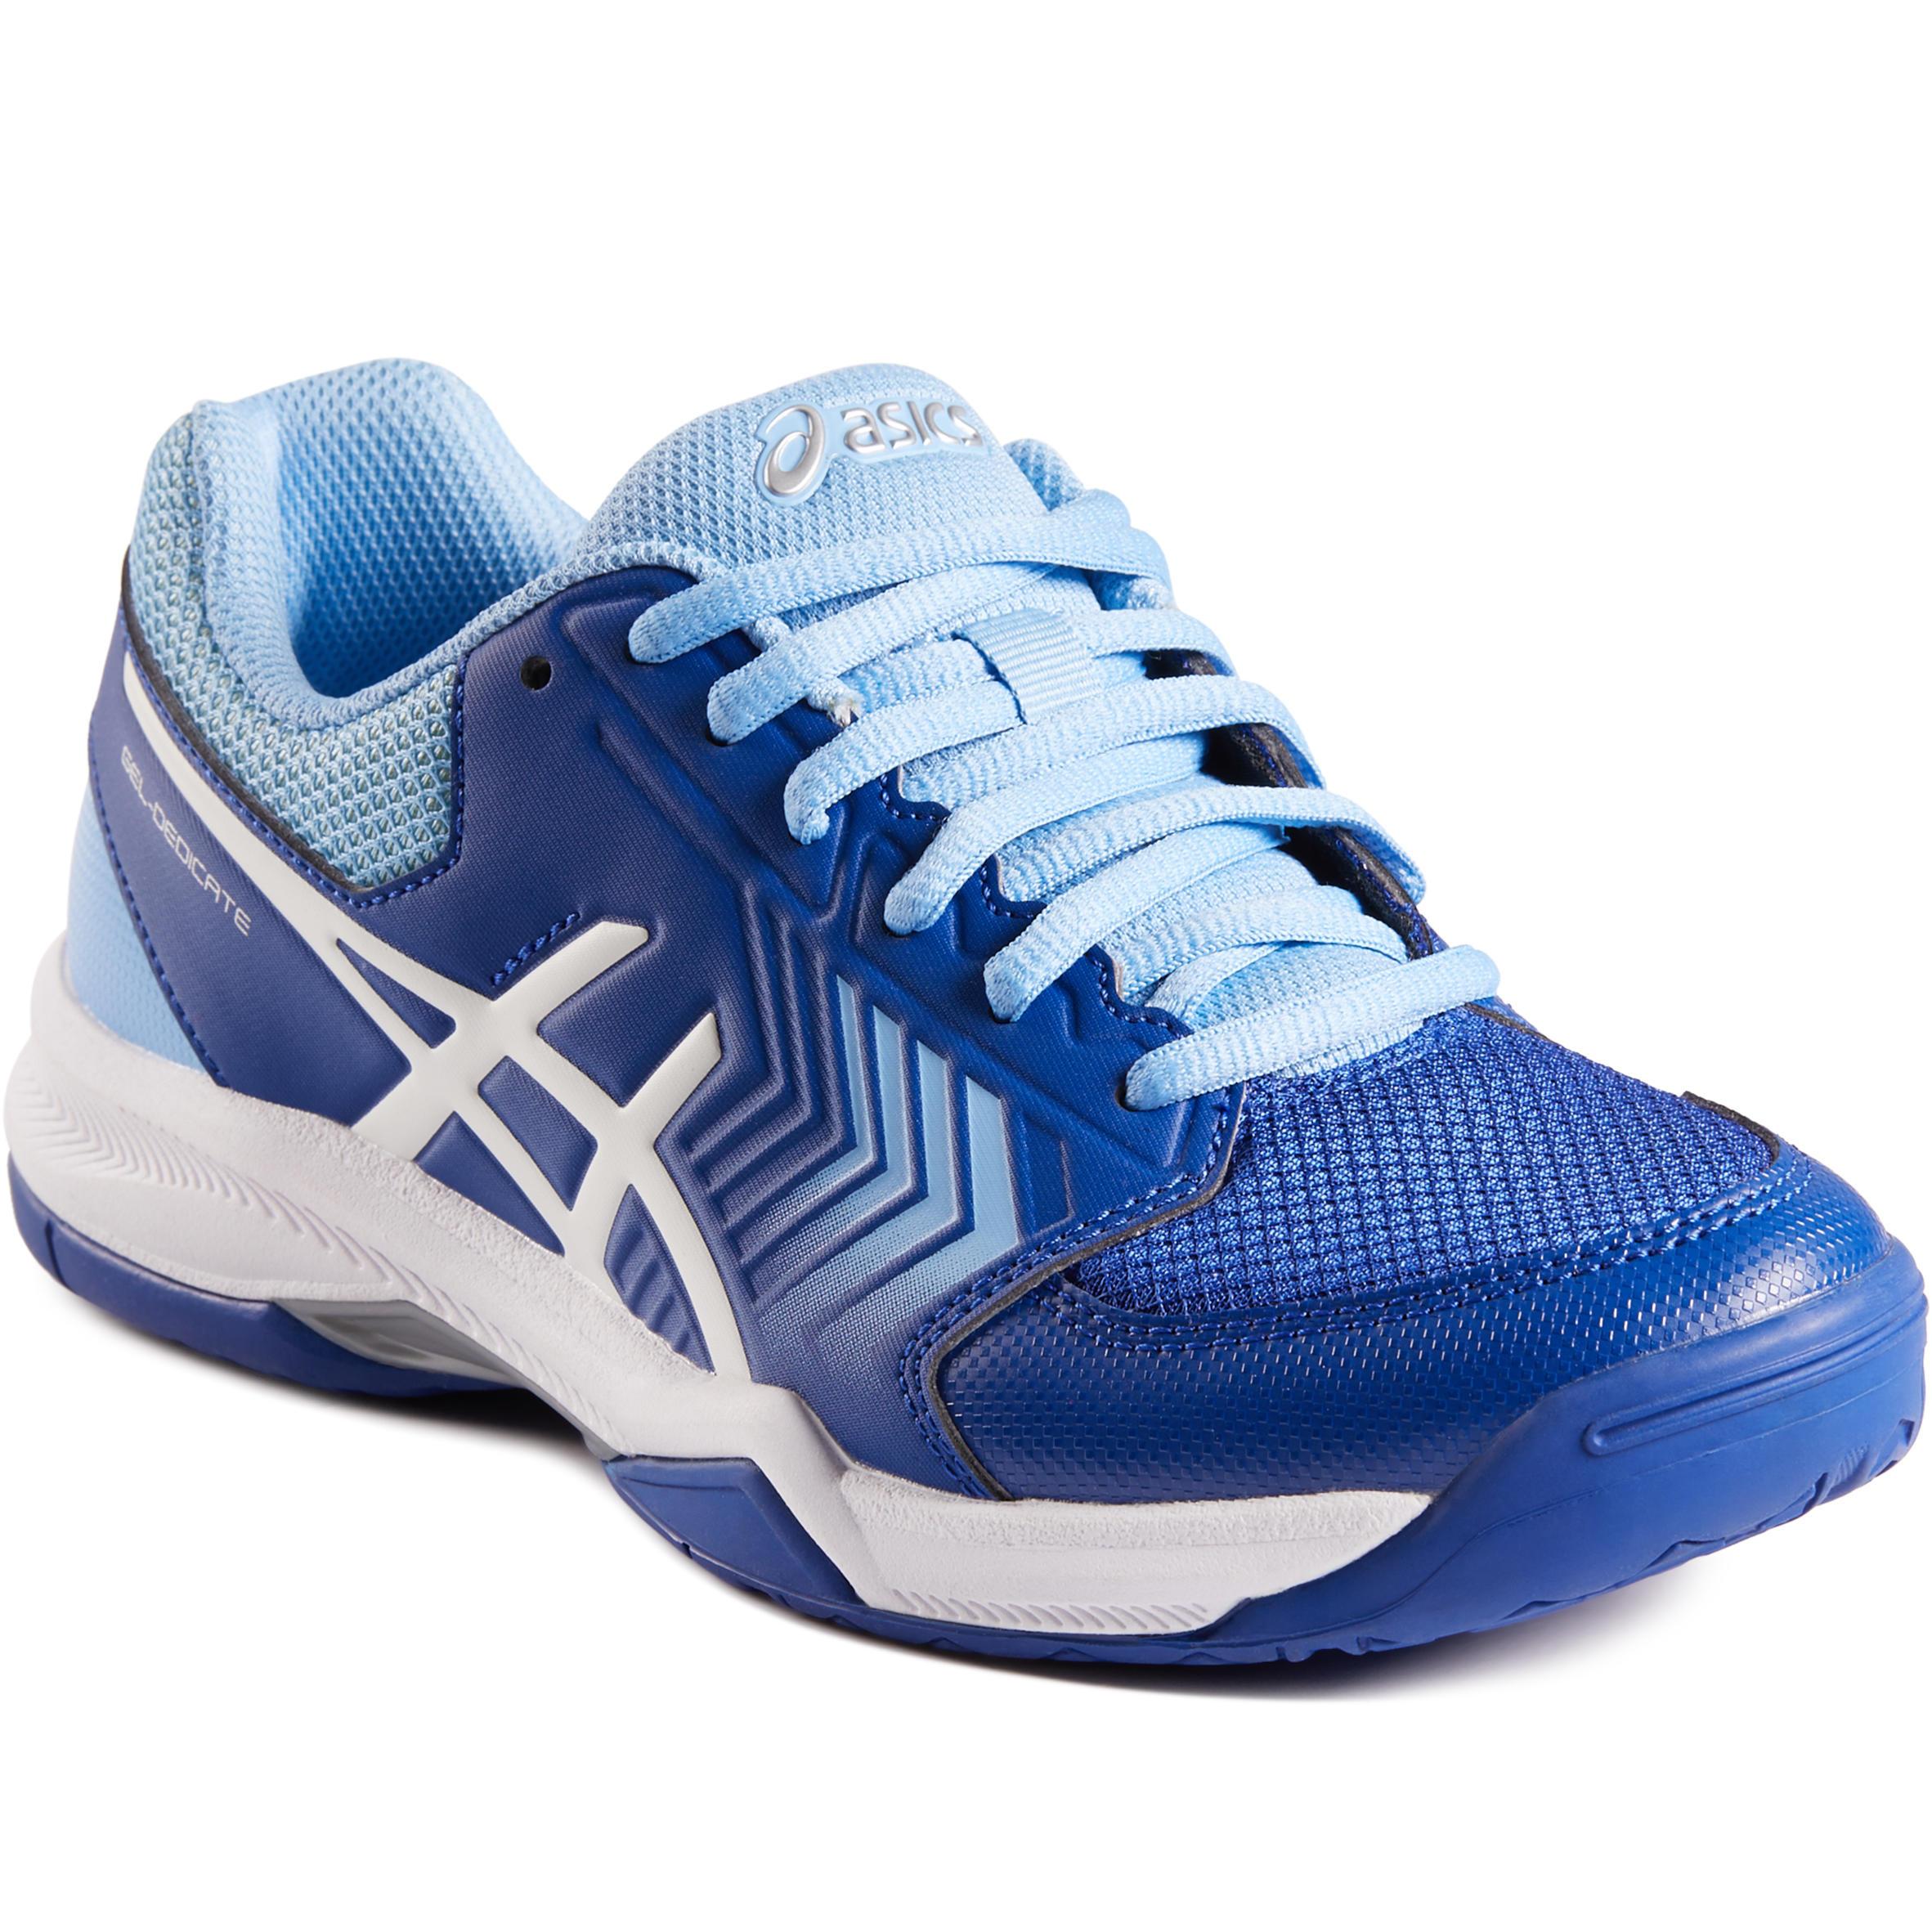 2637181 Asics Tennisschoenen voor dames Asics Gel Dedicate blauw